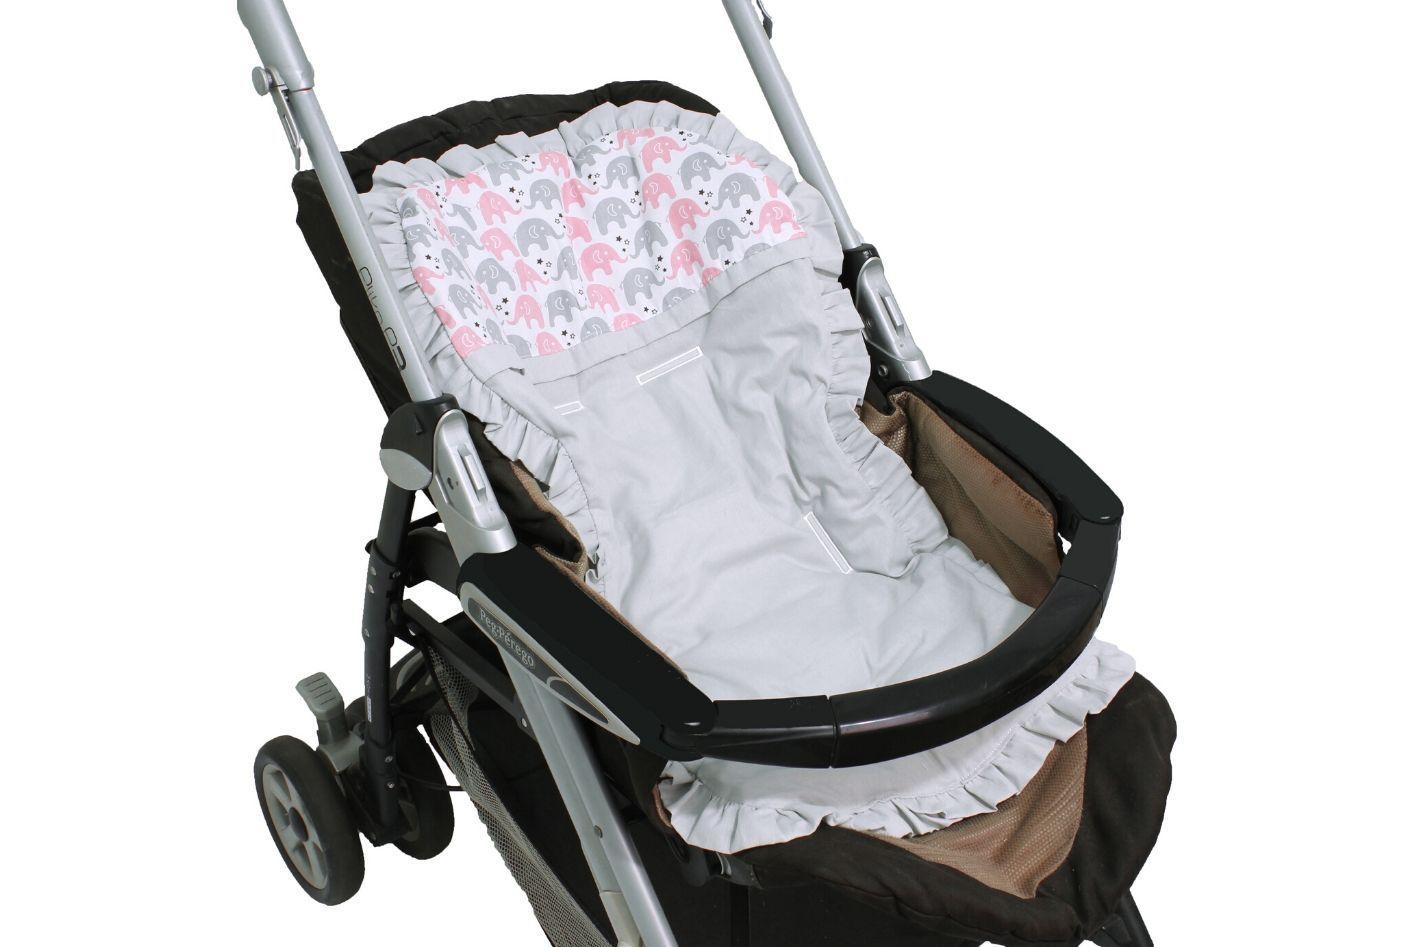 Capa de Carrinho com Almofadinha Elefantinho Rosa  - Toca do Bebê